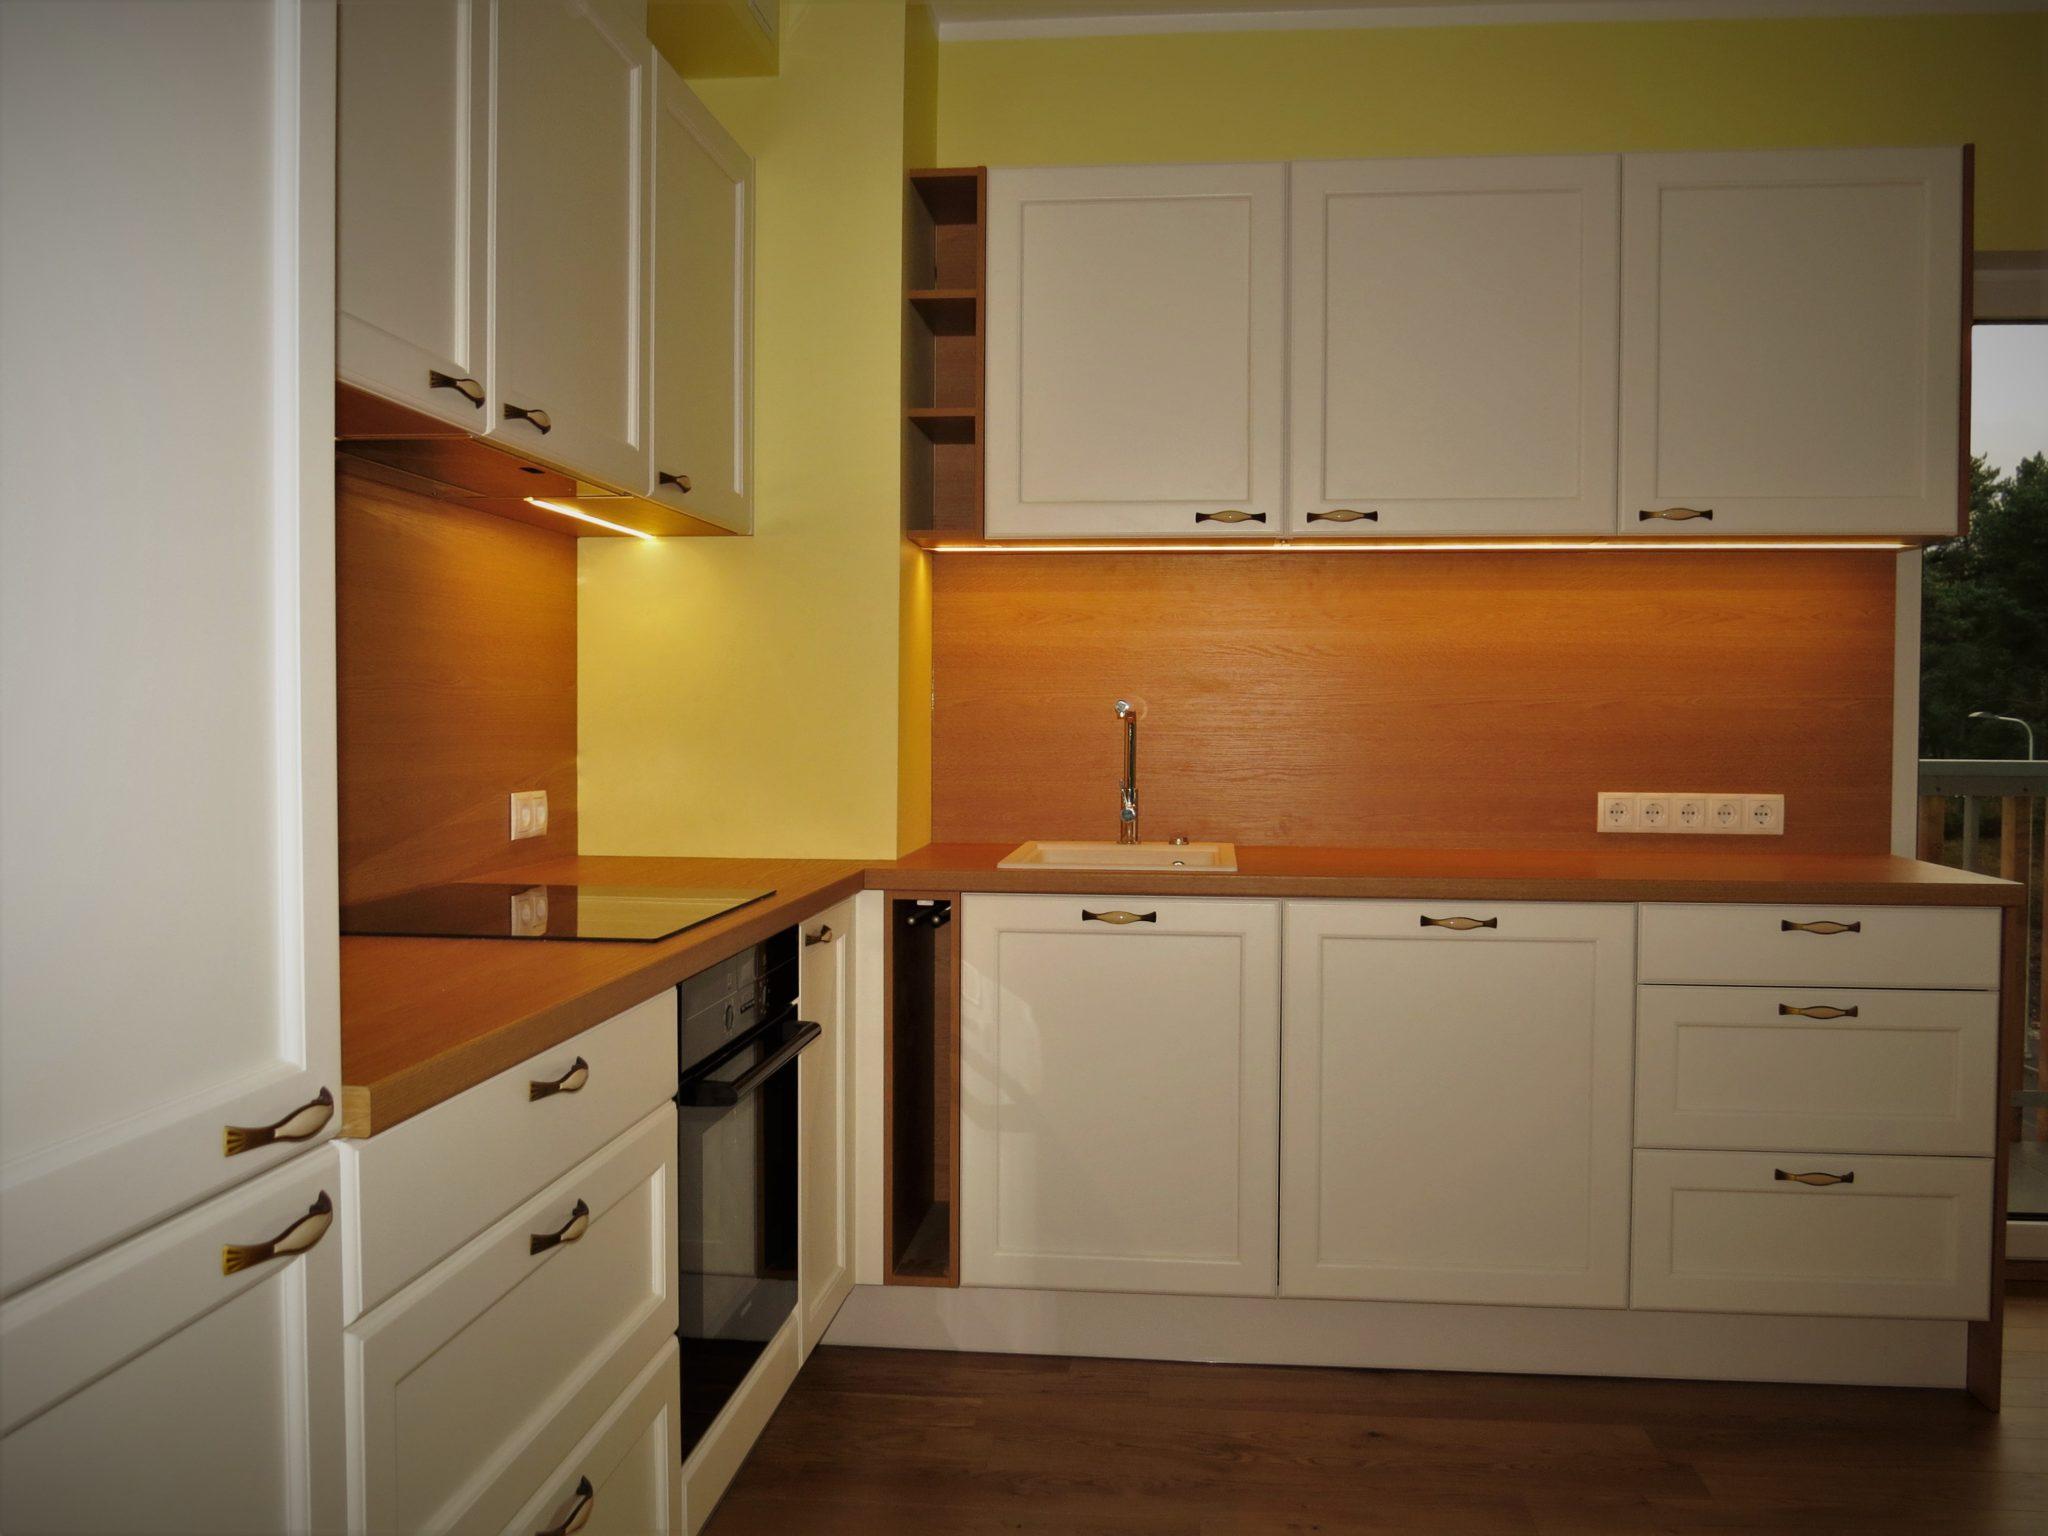 Köögimööbel - Natural tamm H3389 Esipaneelid - MDF raamuksed Viimistlus - Valge poolmatt värv